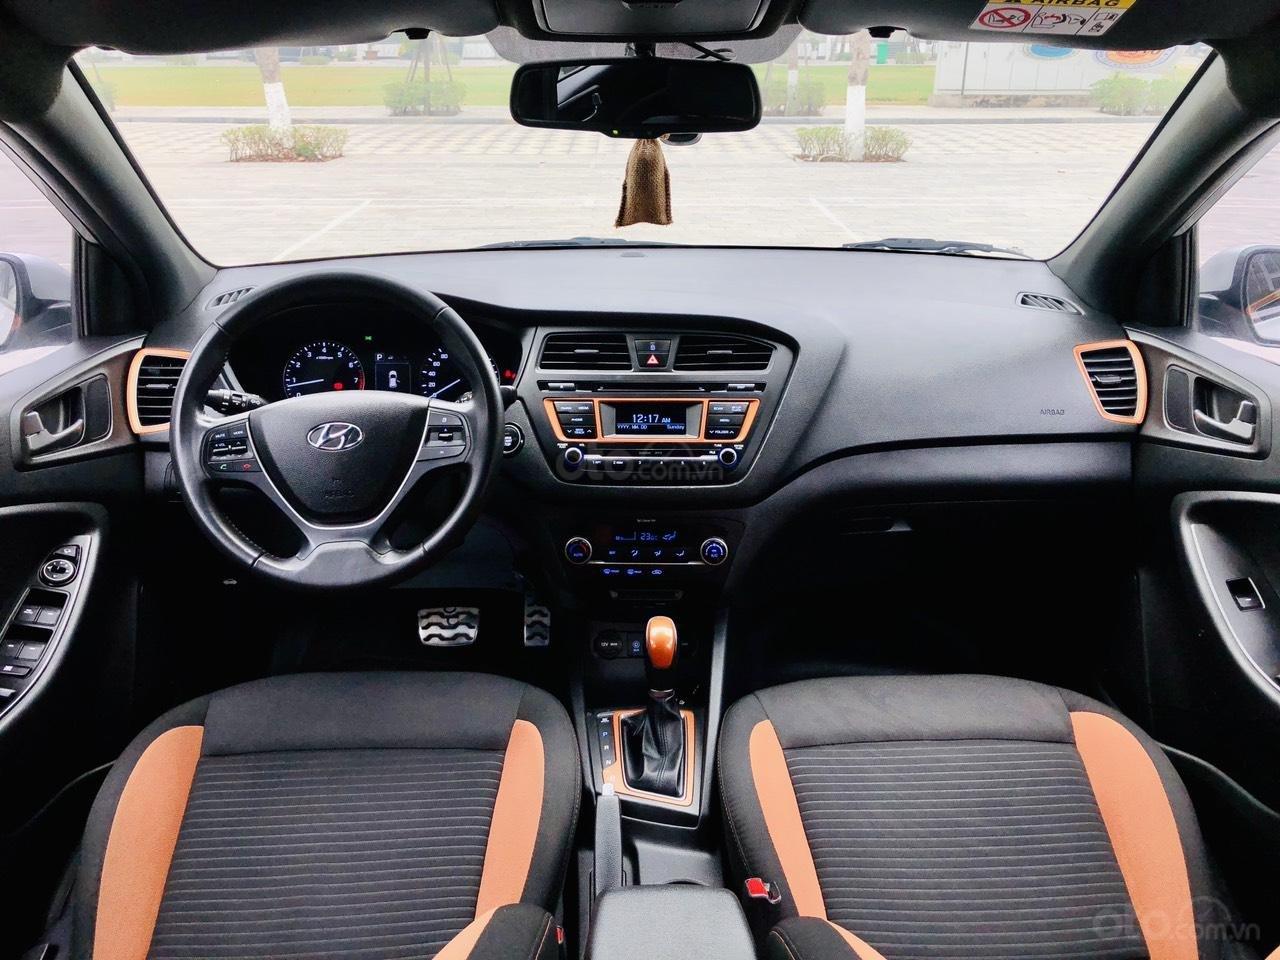 Bán nhanh Hyundai i20 1.4AT SX 2015 bạc, đẹp xuất sắc biển TP (4)